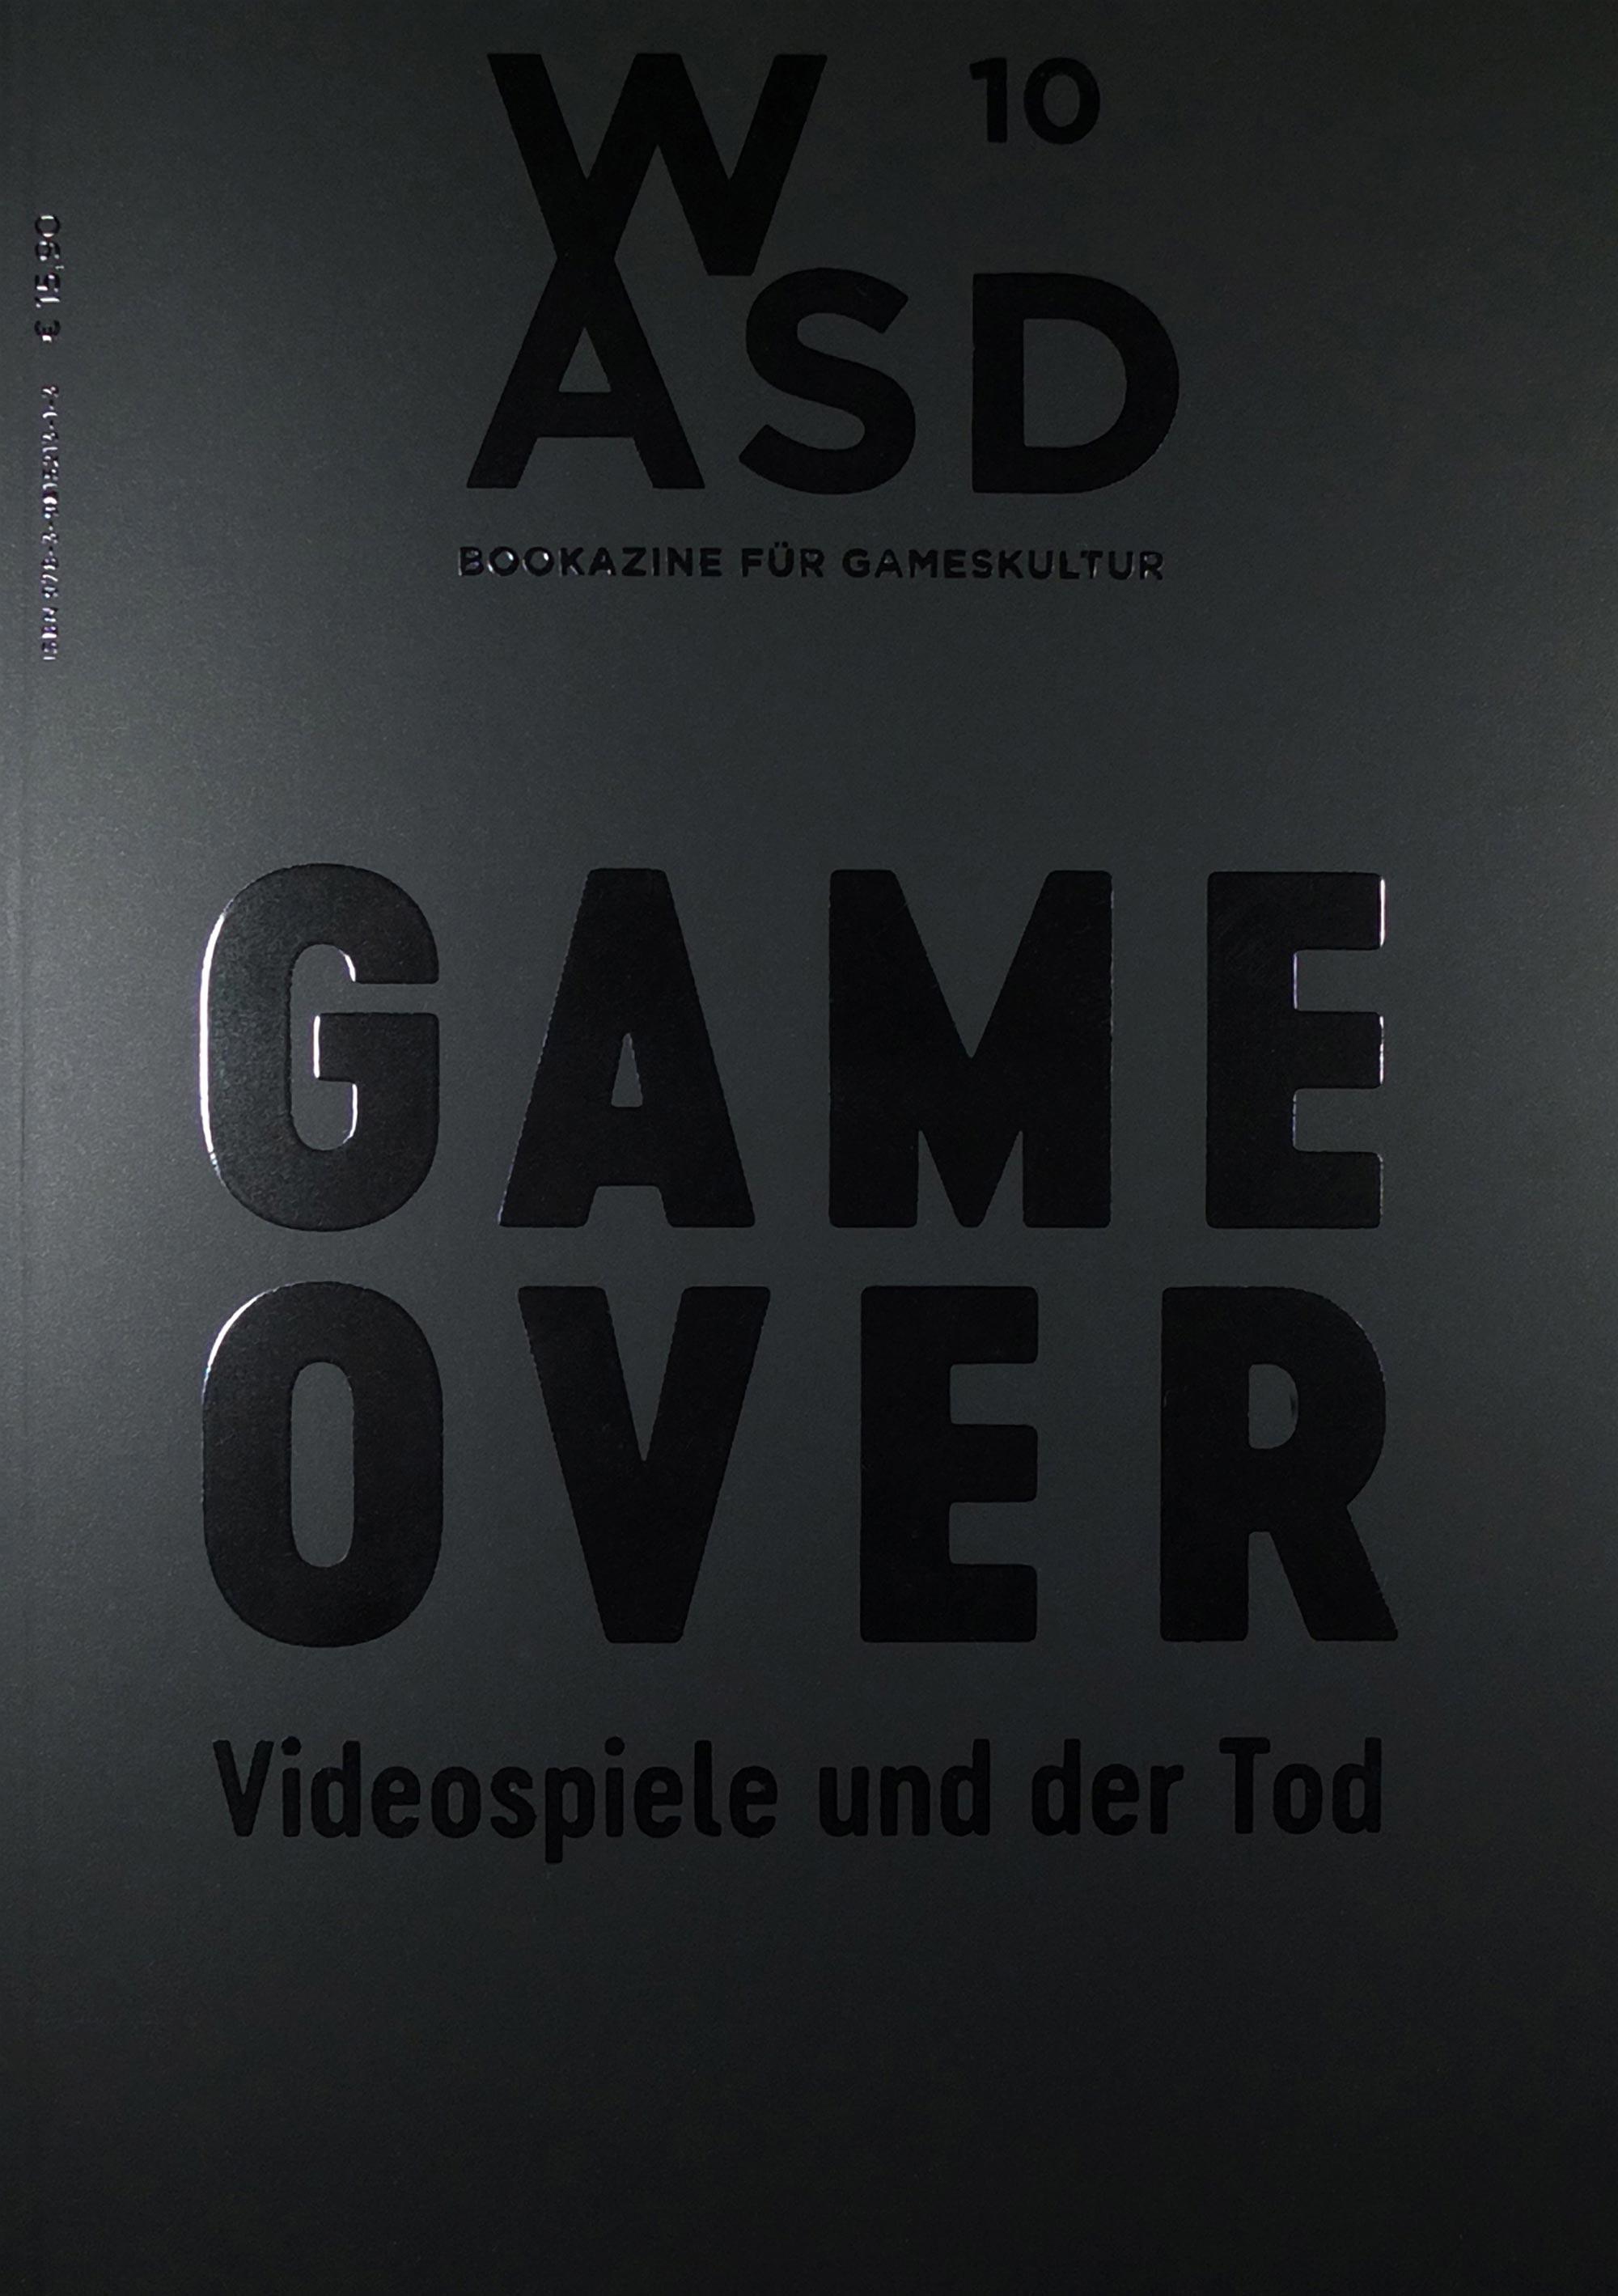 WASD #10 – Bookazine für Gameskultur